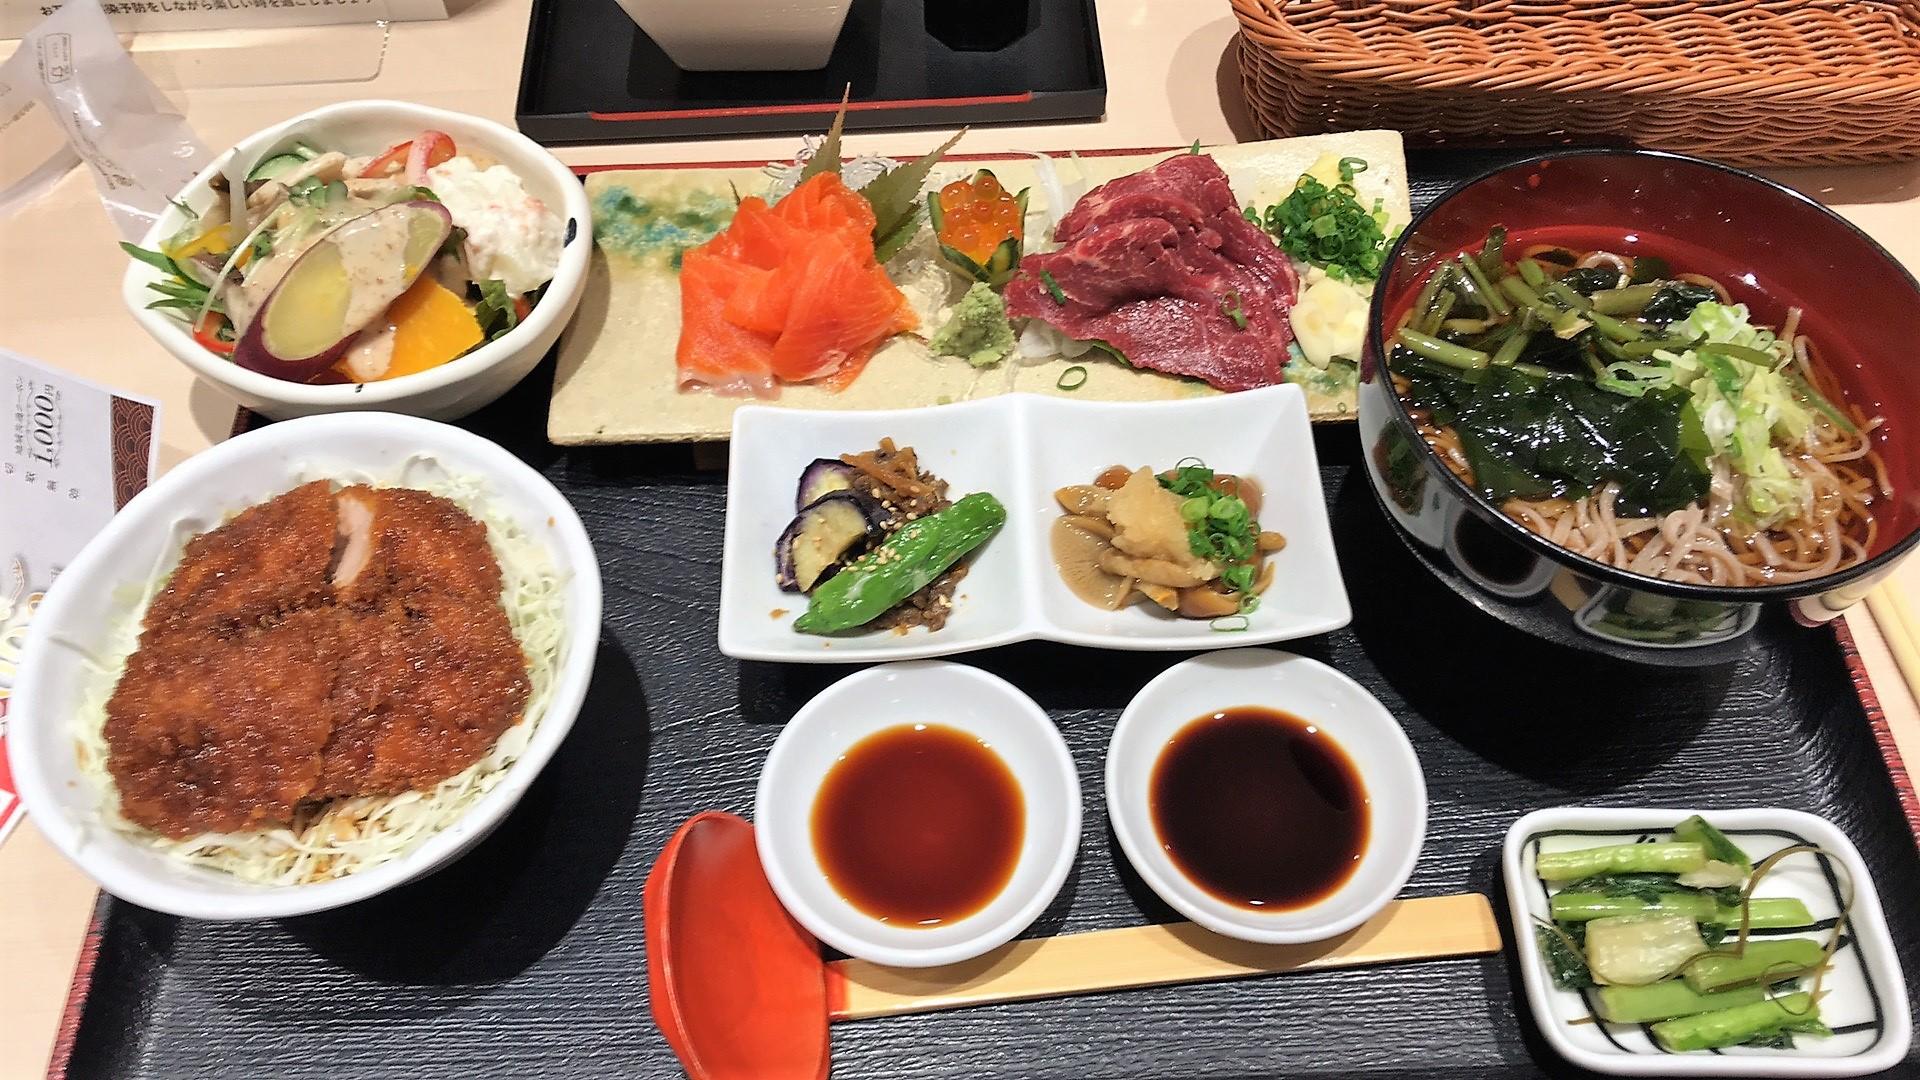 GoToキャンペーン 共通クーポンを使って2,000円のところ、1,000 円になった豪華な夕食